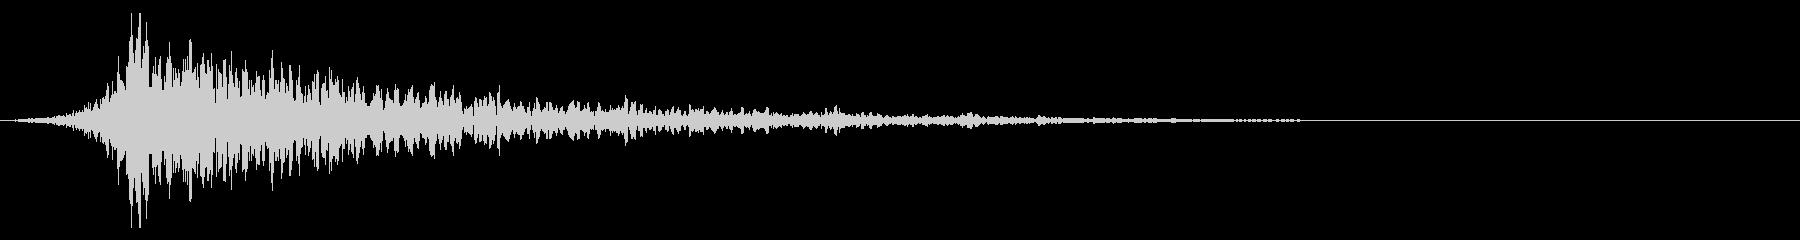 シュードーン-26-1(インパクト音)の未再生の波形